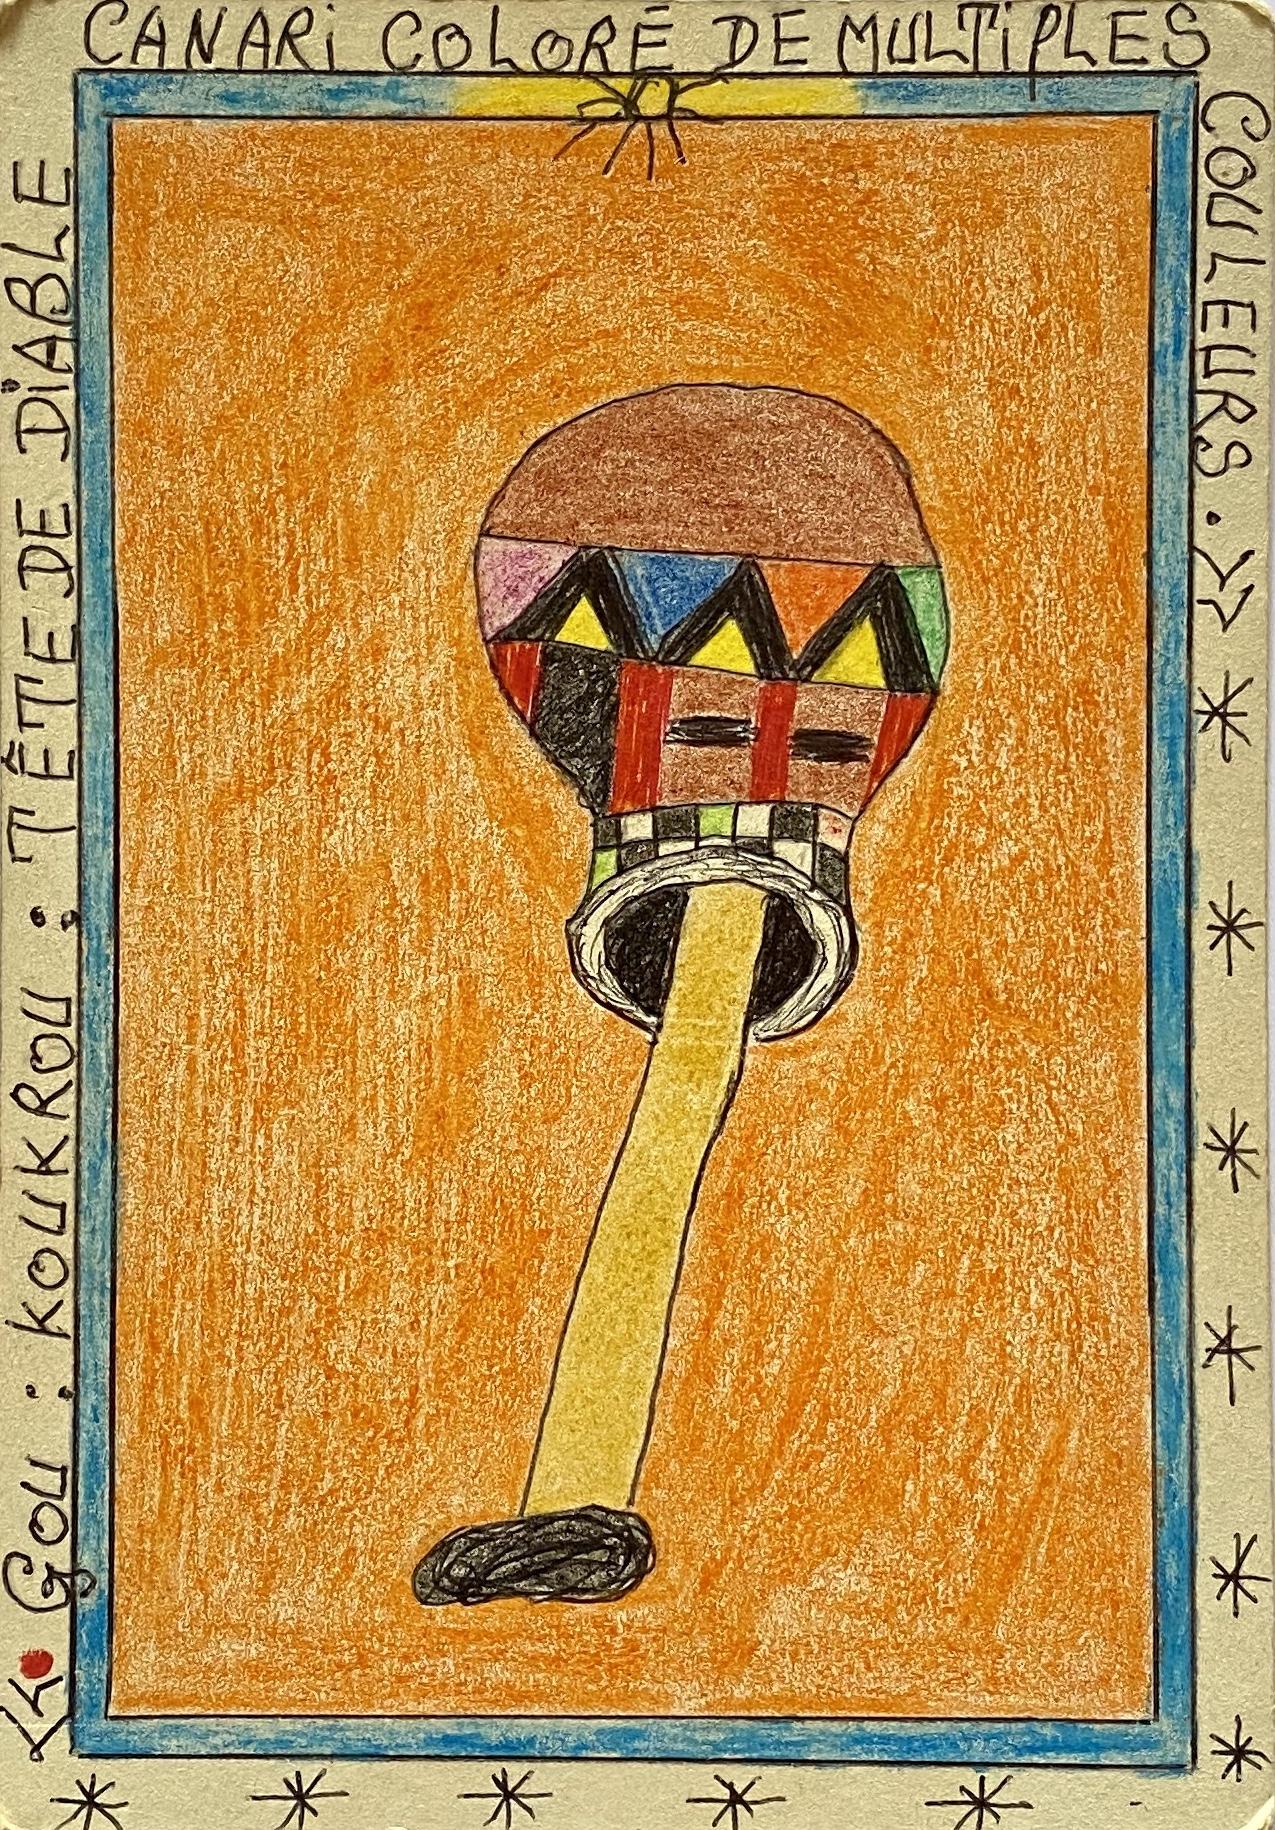 Vente Vente de dessins de l'artiste ivoirien FREDERIC BRULY BOUABRÉ chez Shine a Lot : 53 lots